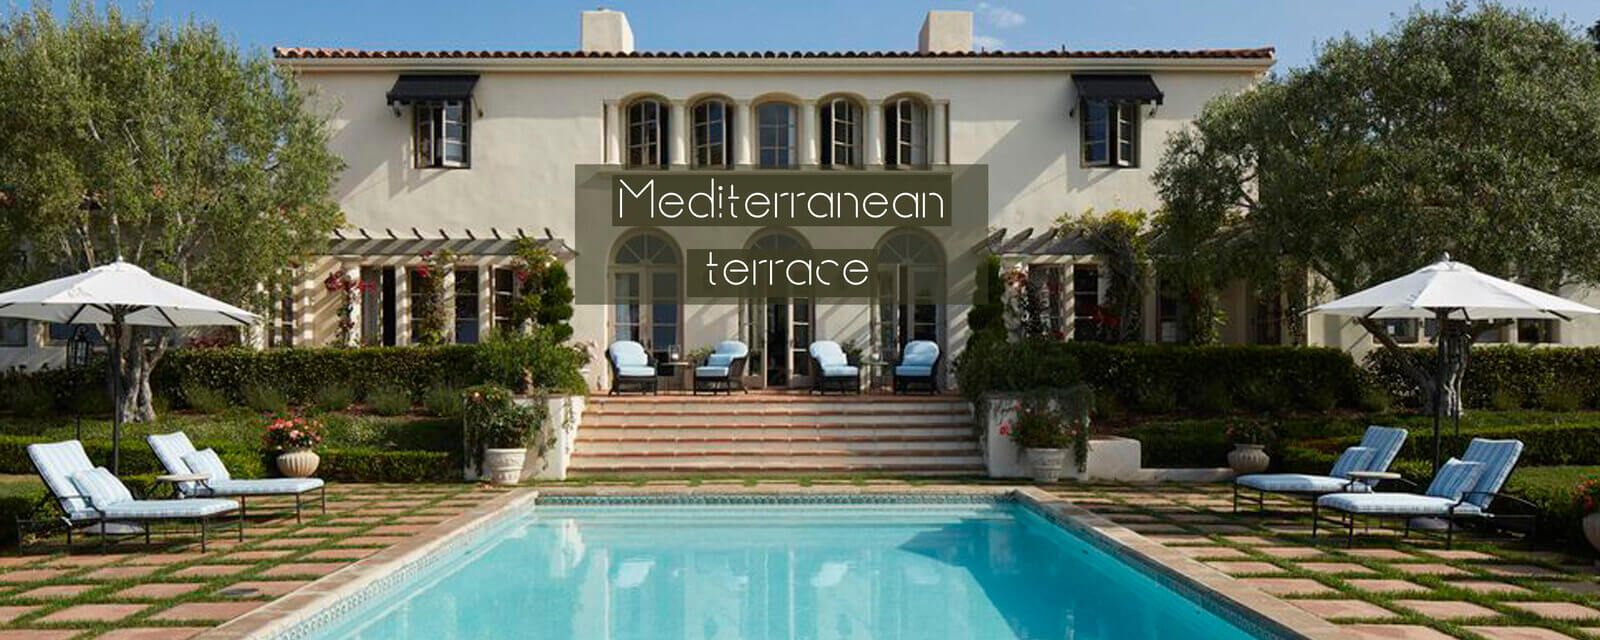 Mediterranean Terrace Ideas